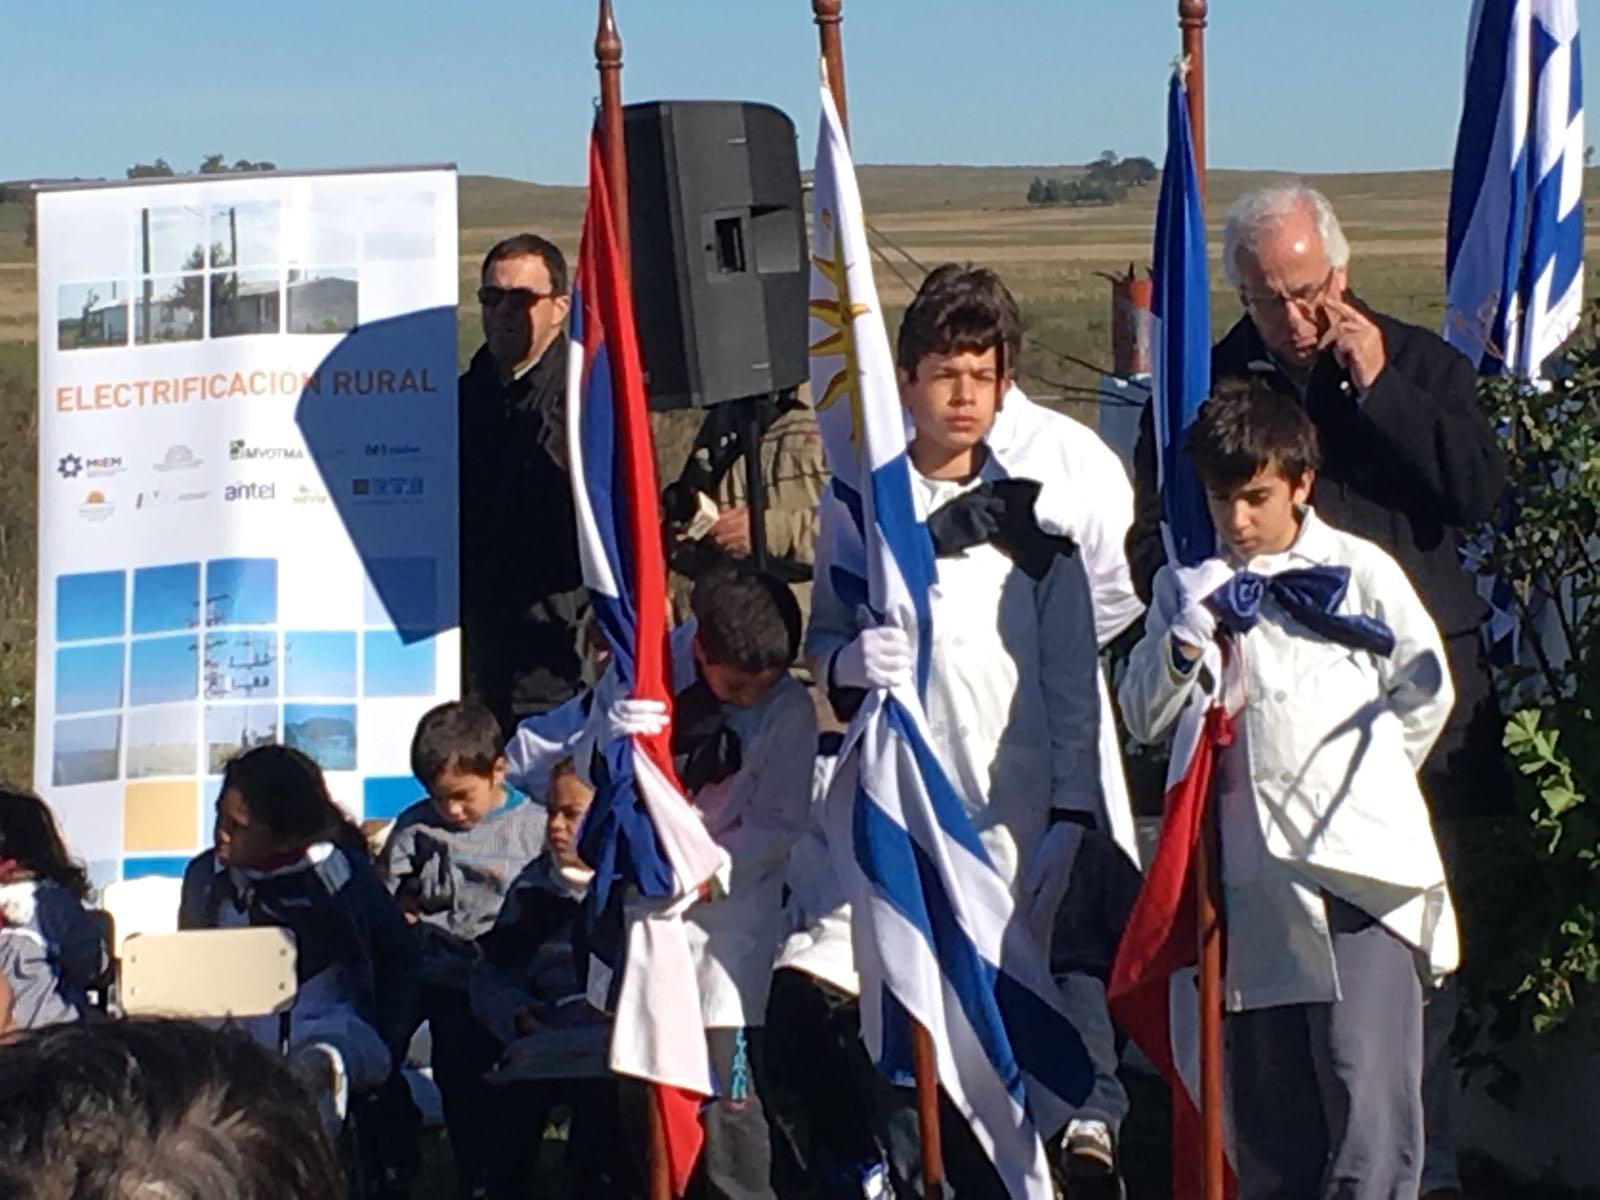 Inauguración electrificación rural en Artigas